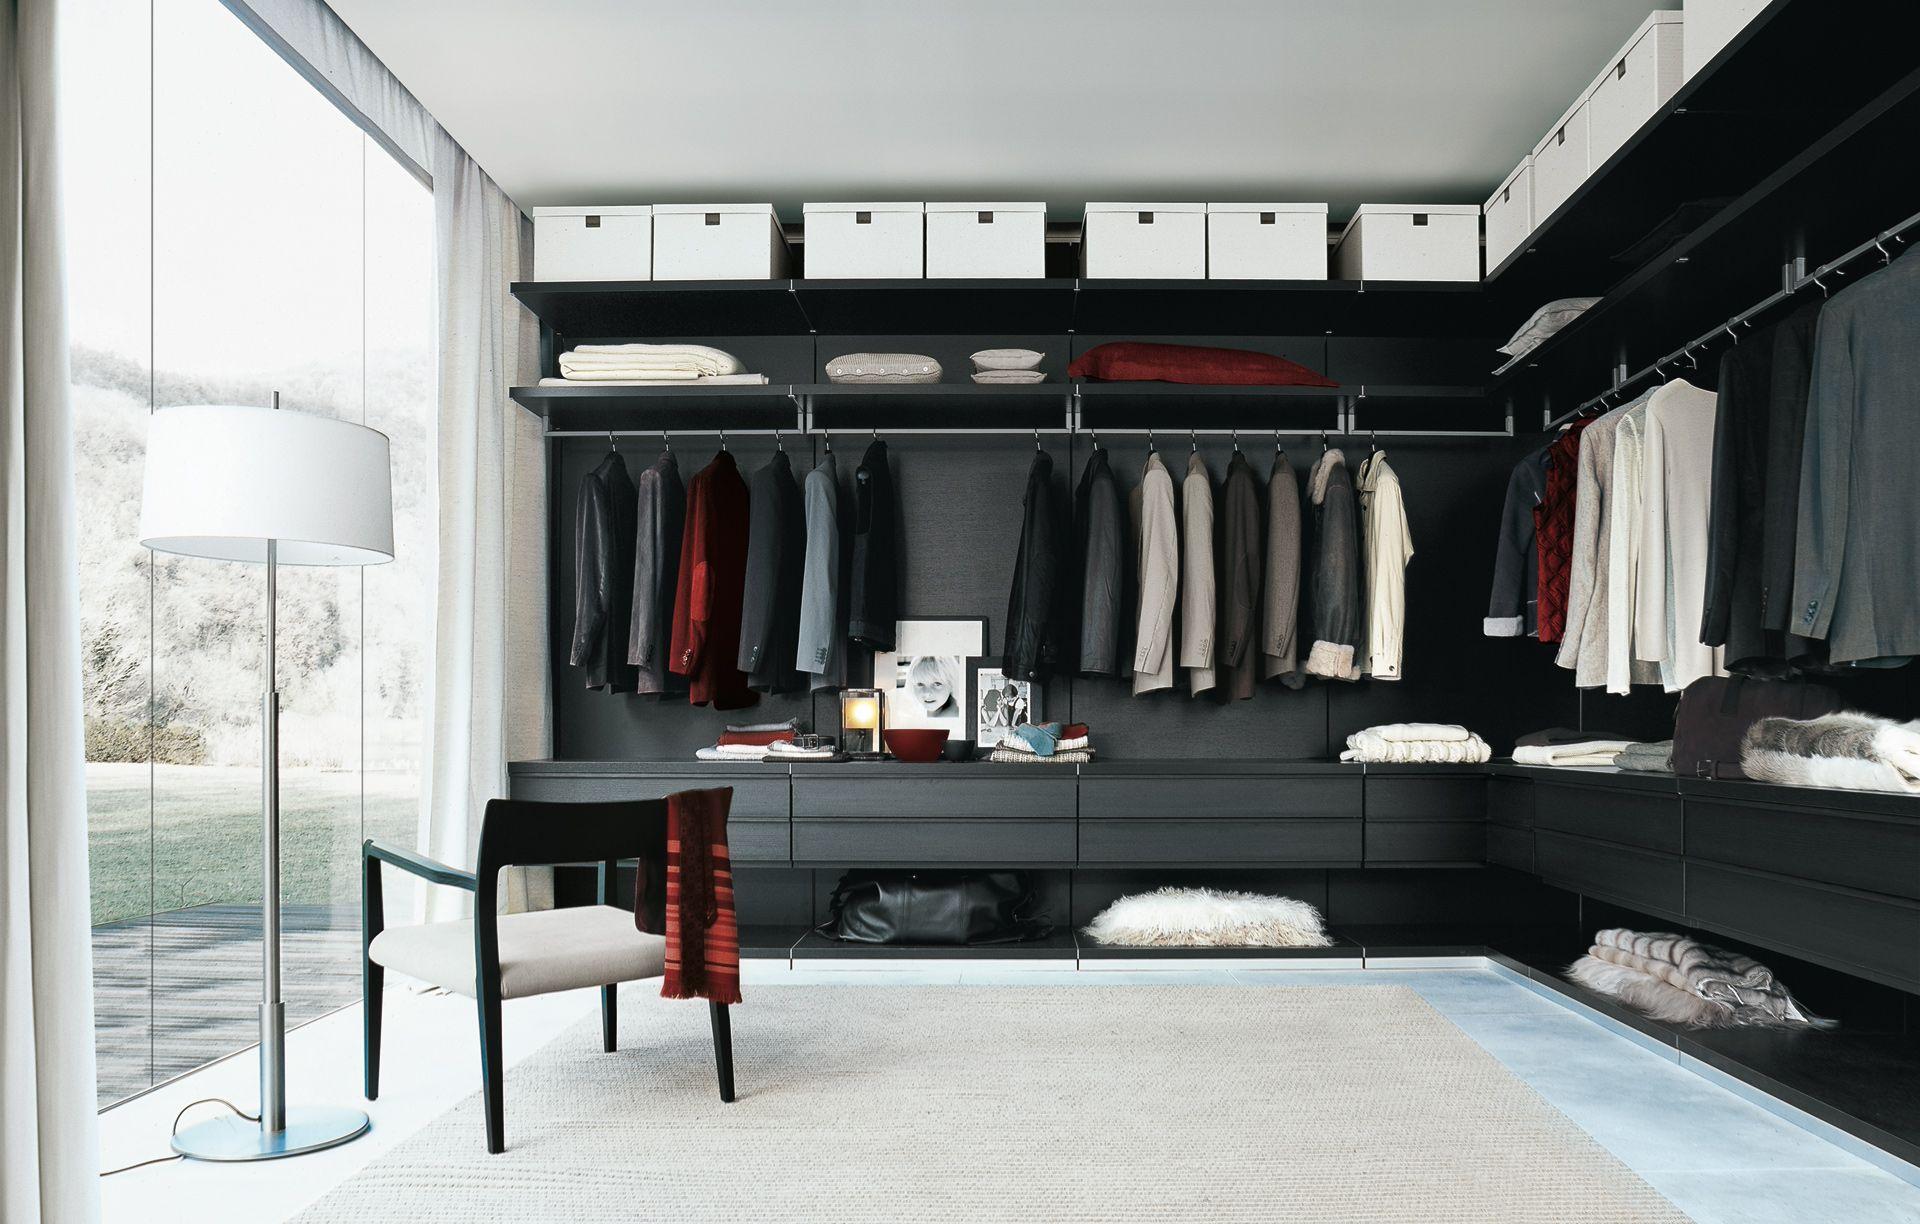 Schrankzimmer mit natürlichem Tageslicht für Mann - allerdings finde ...